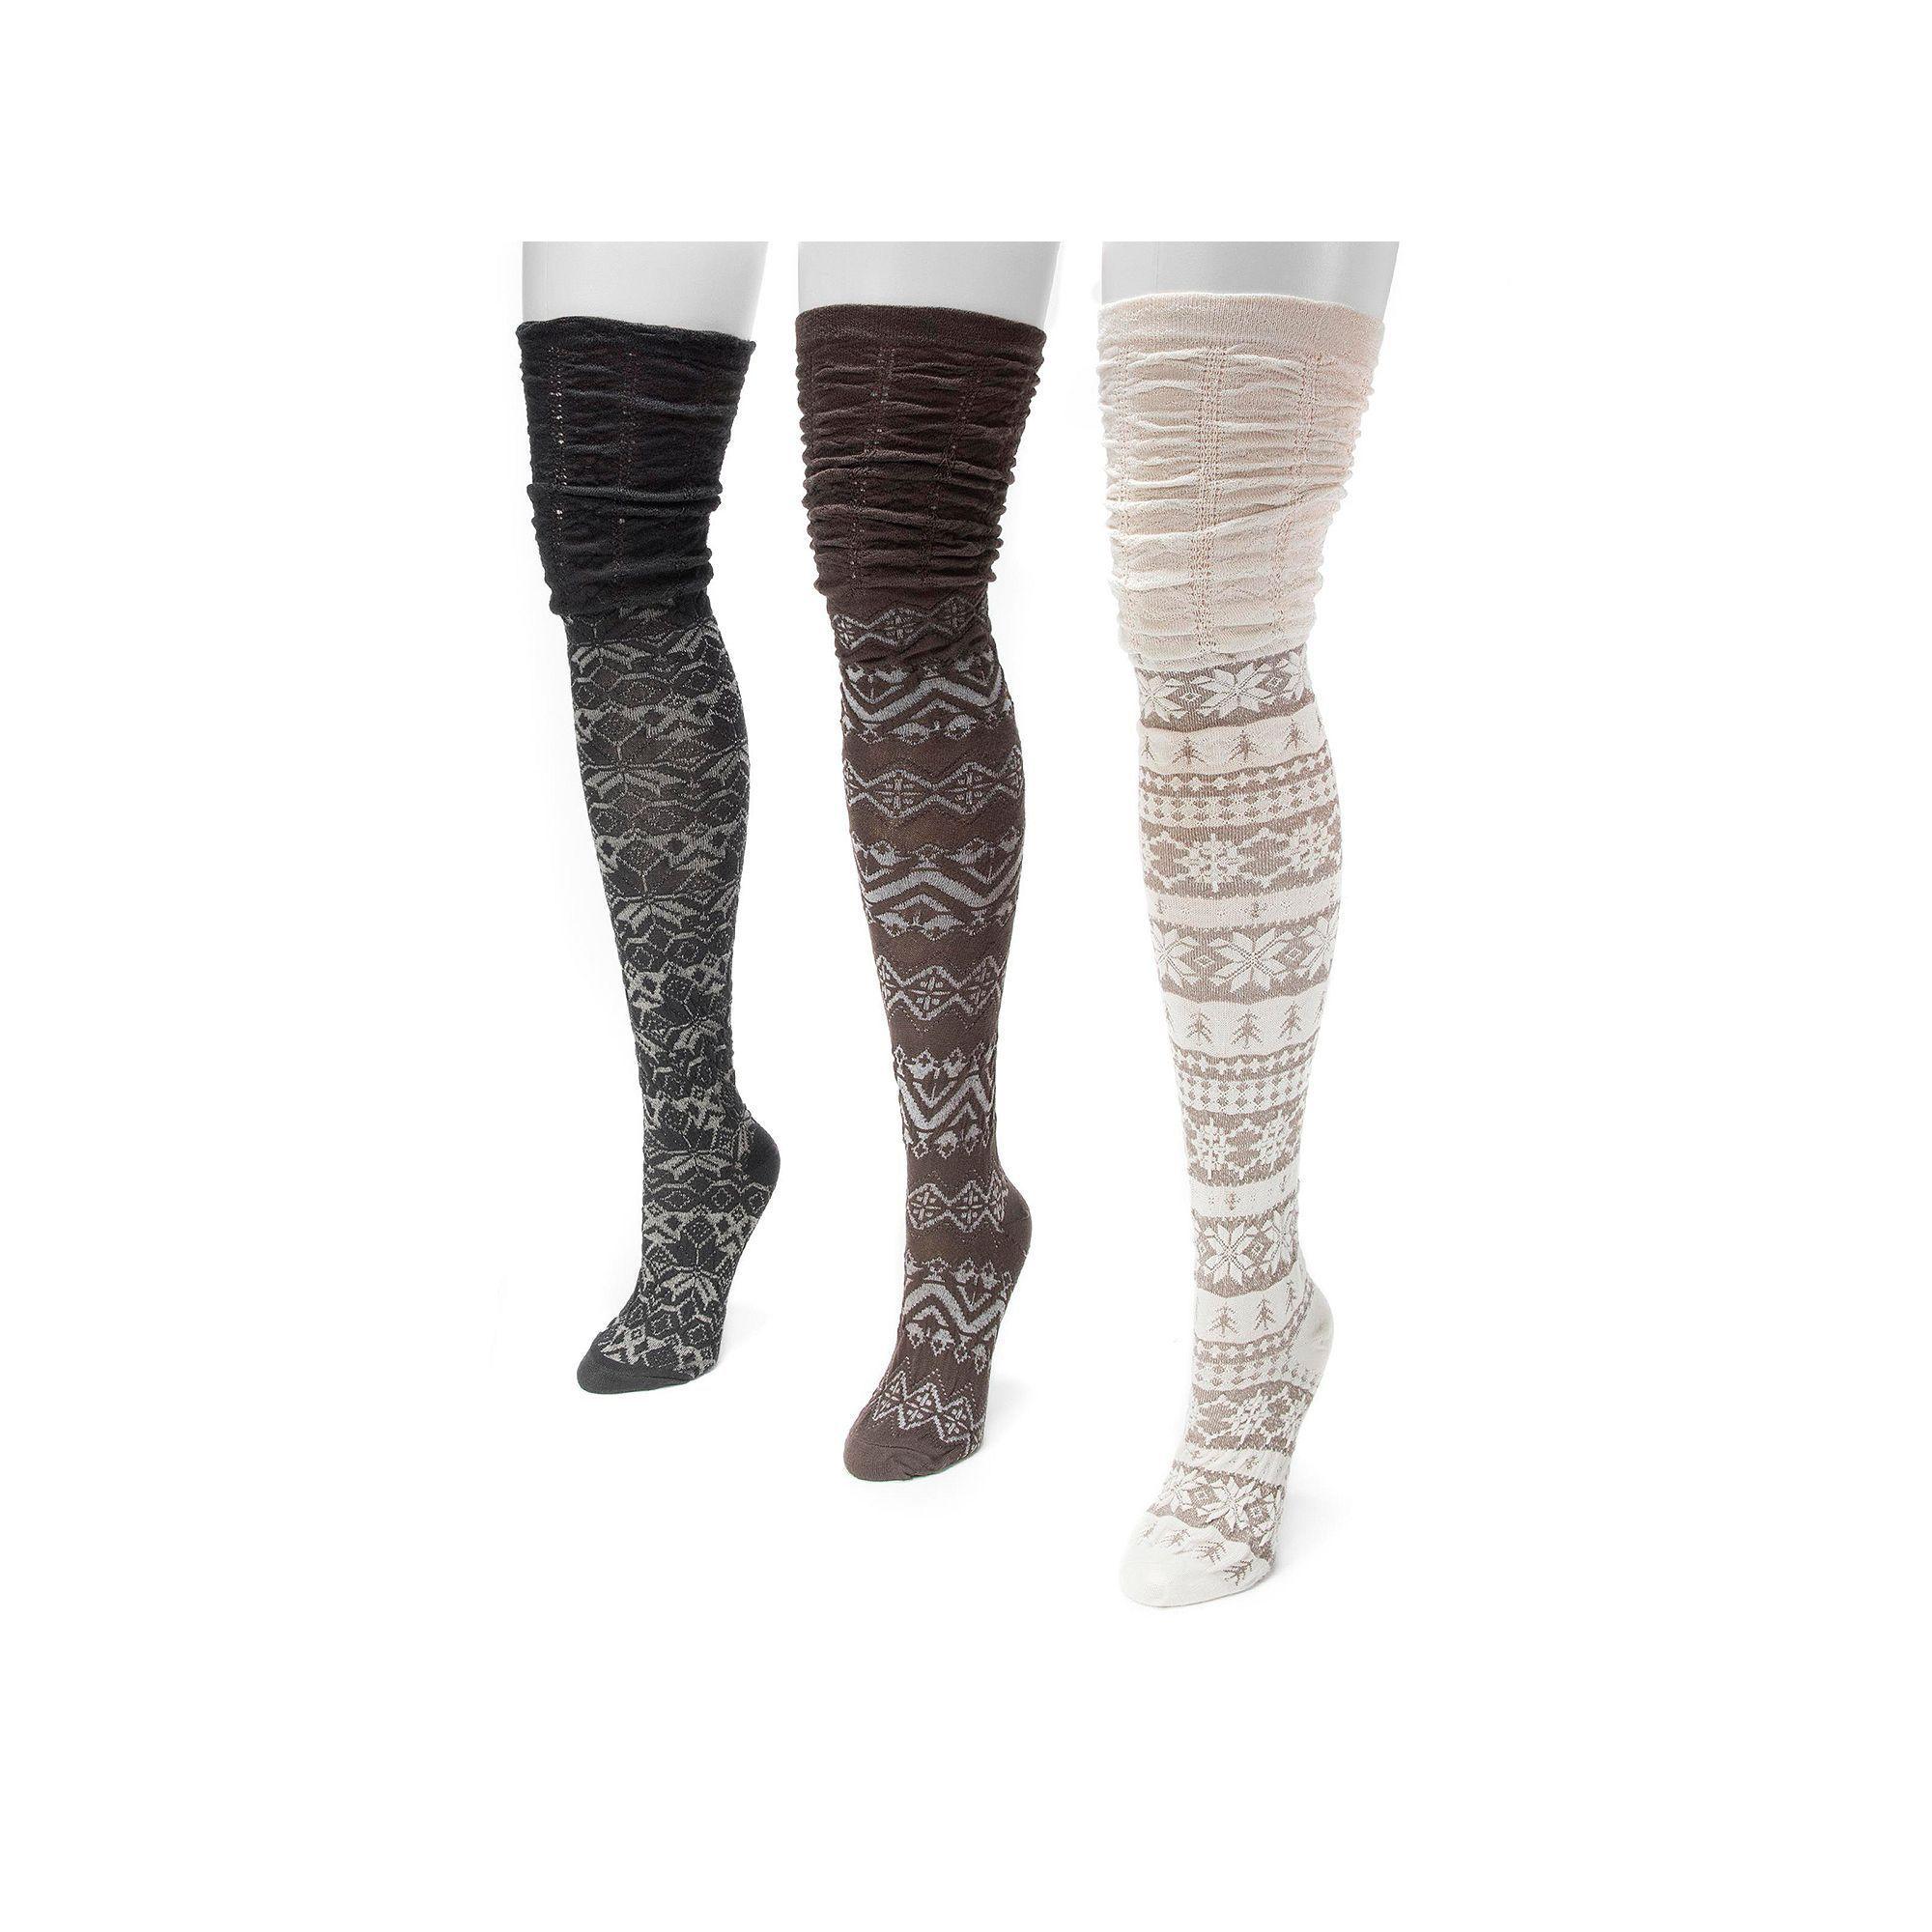 f528676959f Muk Luks 3-pk. Women s Microfiber Fairisle Over-the-Knee Socks ...